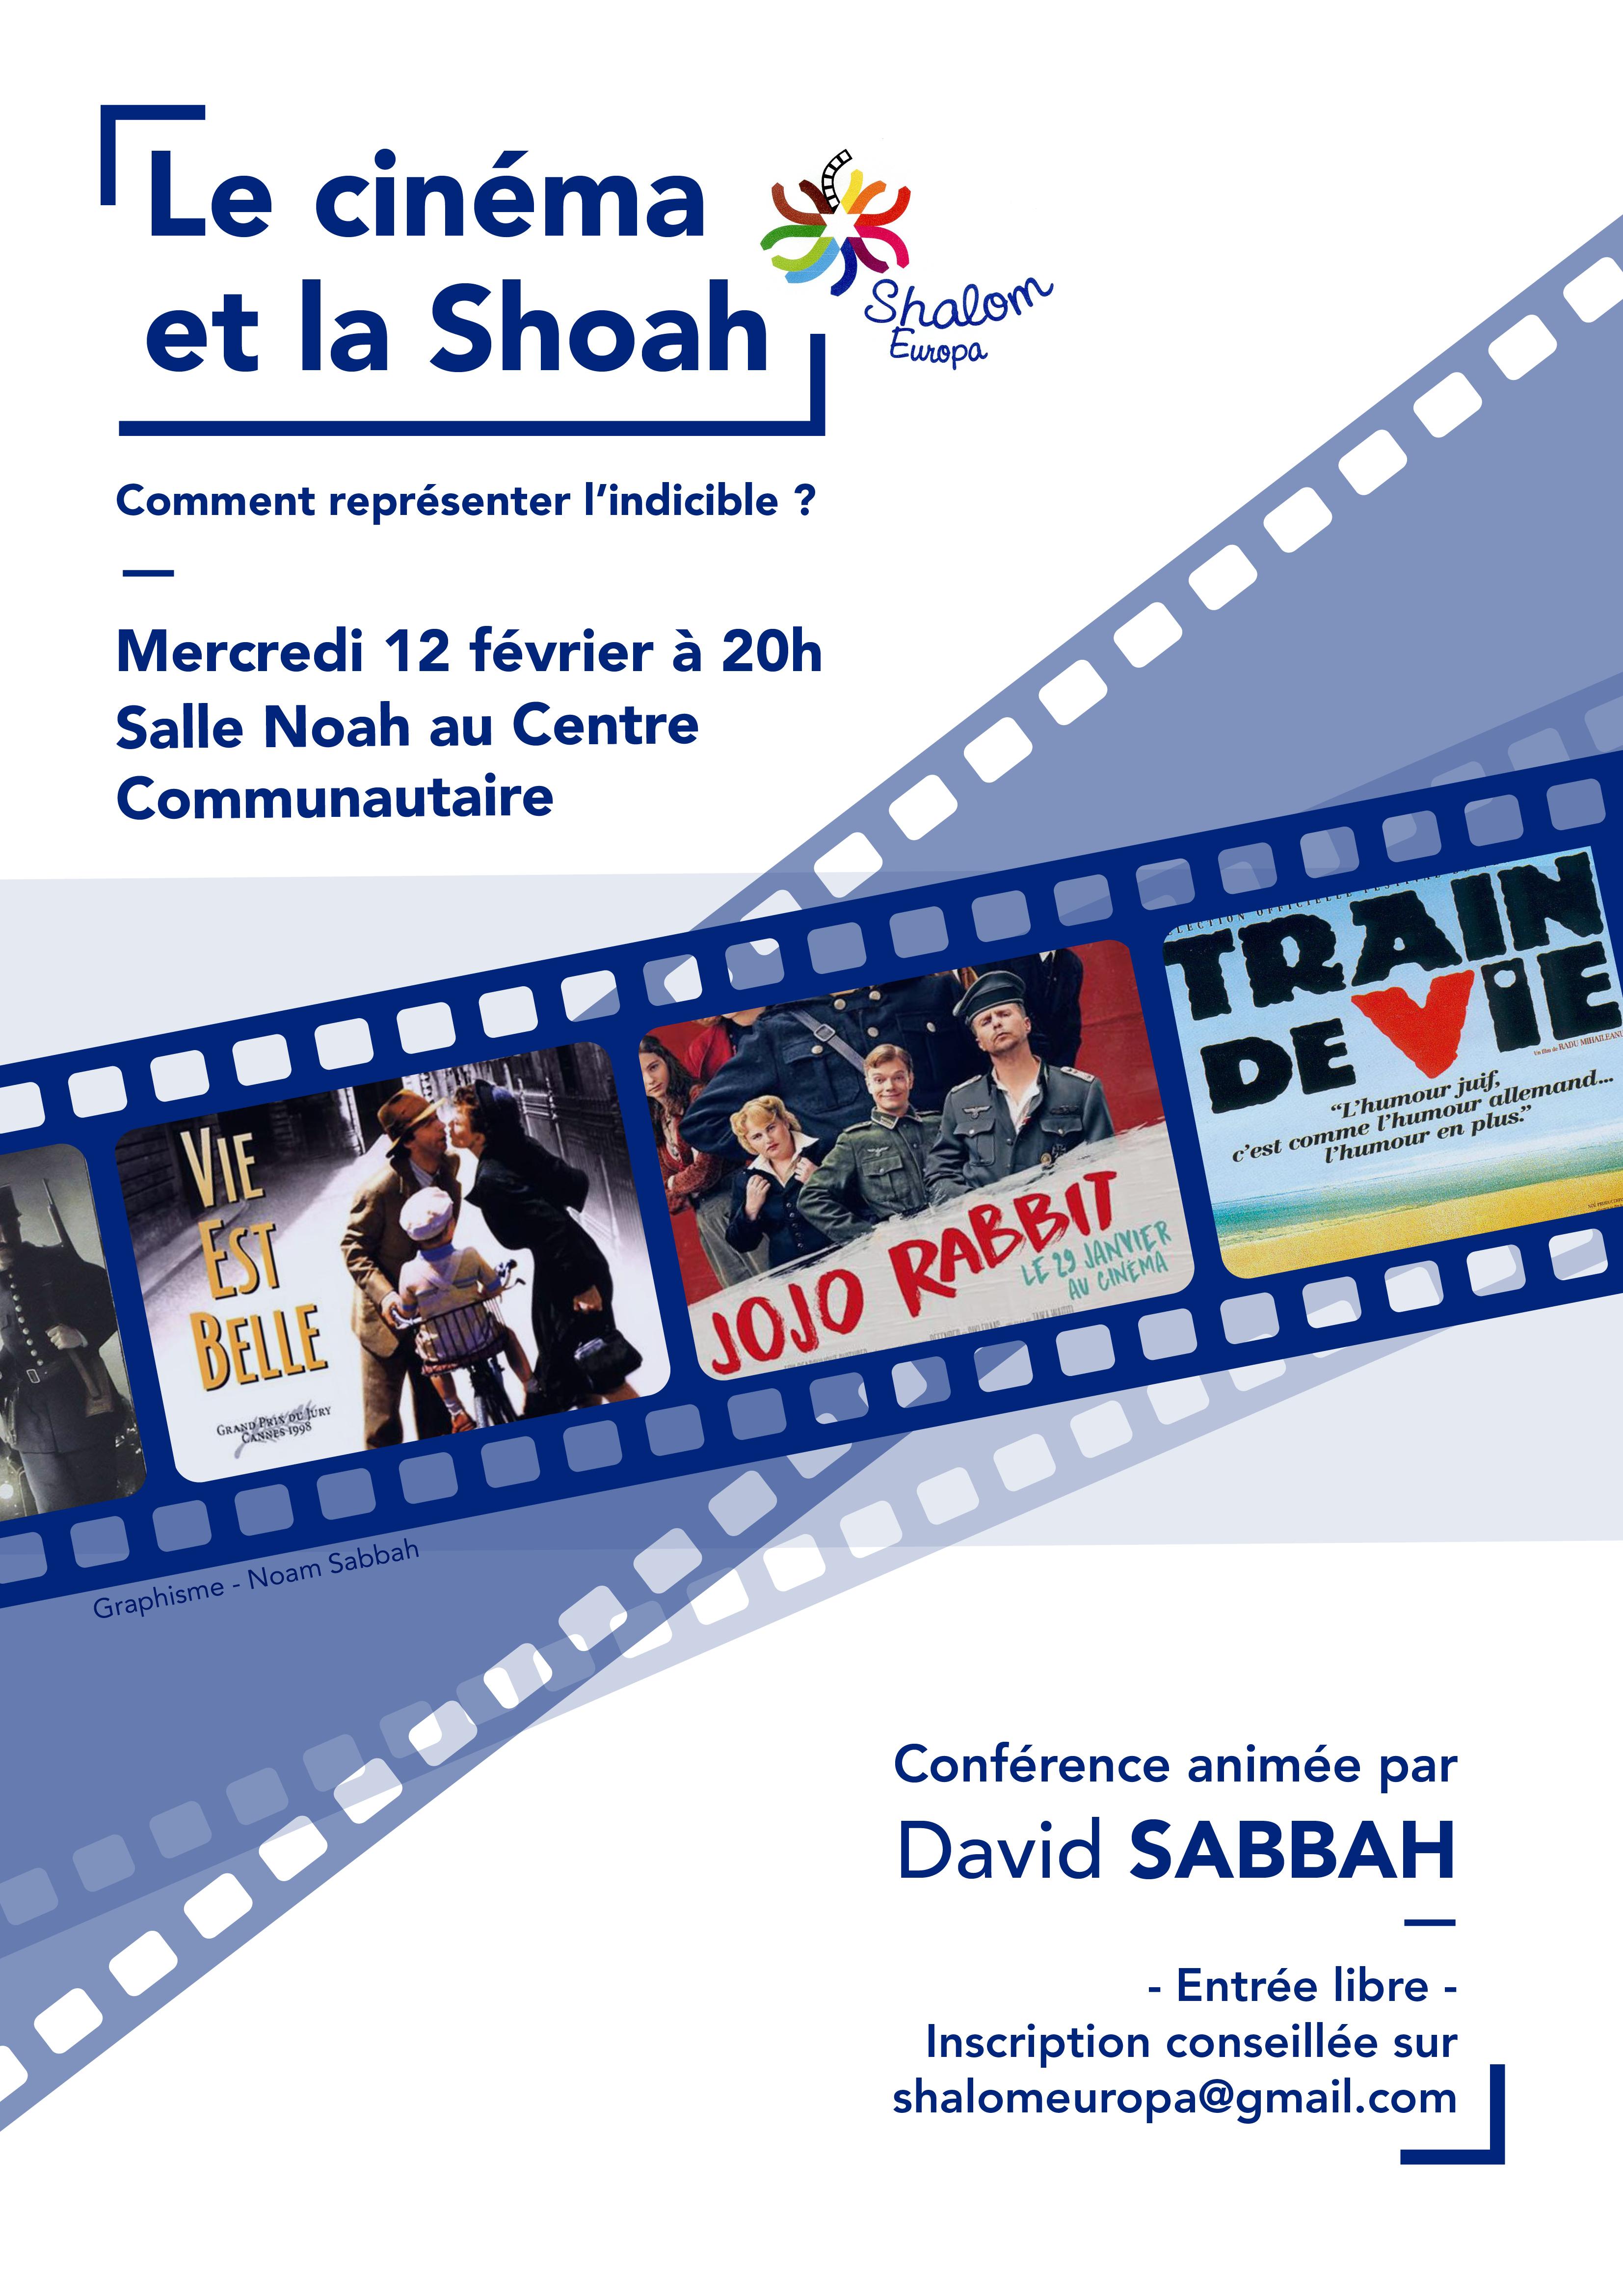 Le cinéma et la Shoah, avec David Sabbah